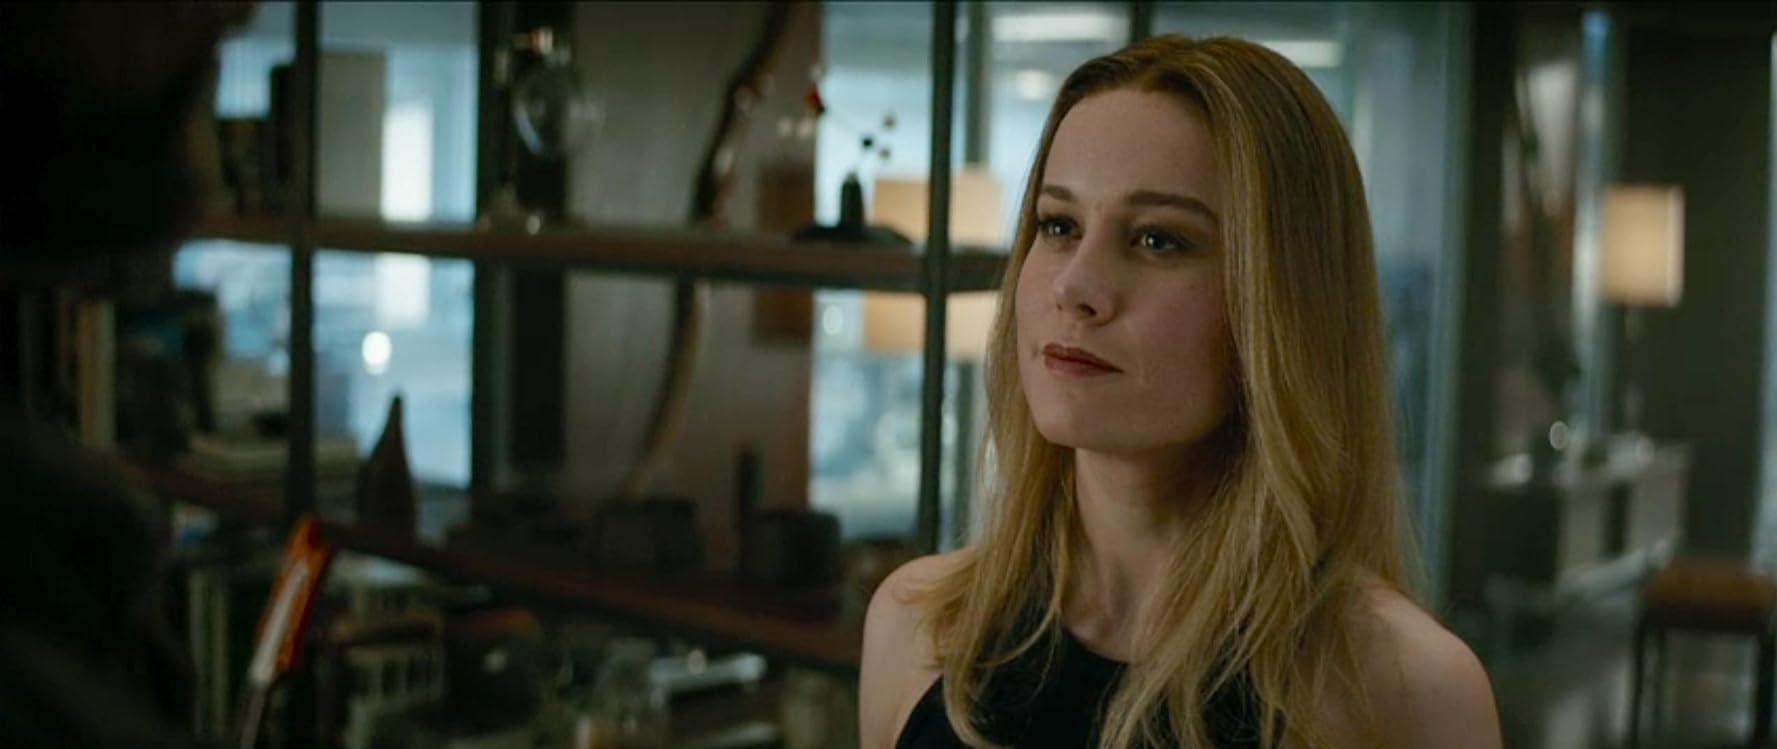 Brie Larson and Chris Hemsworth in Avengers: Endgame (2019)